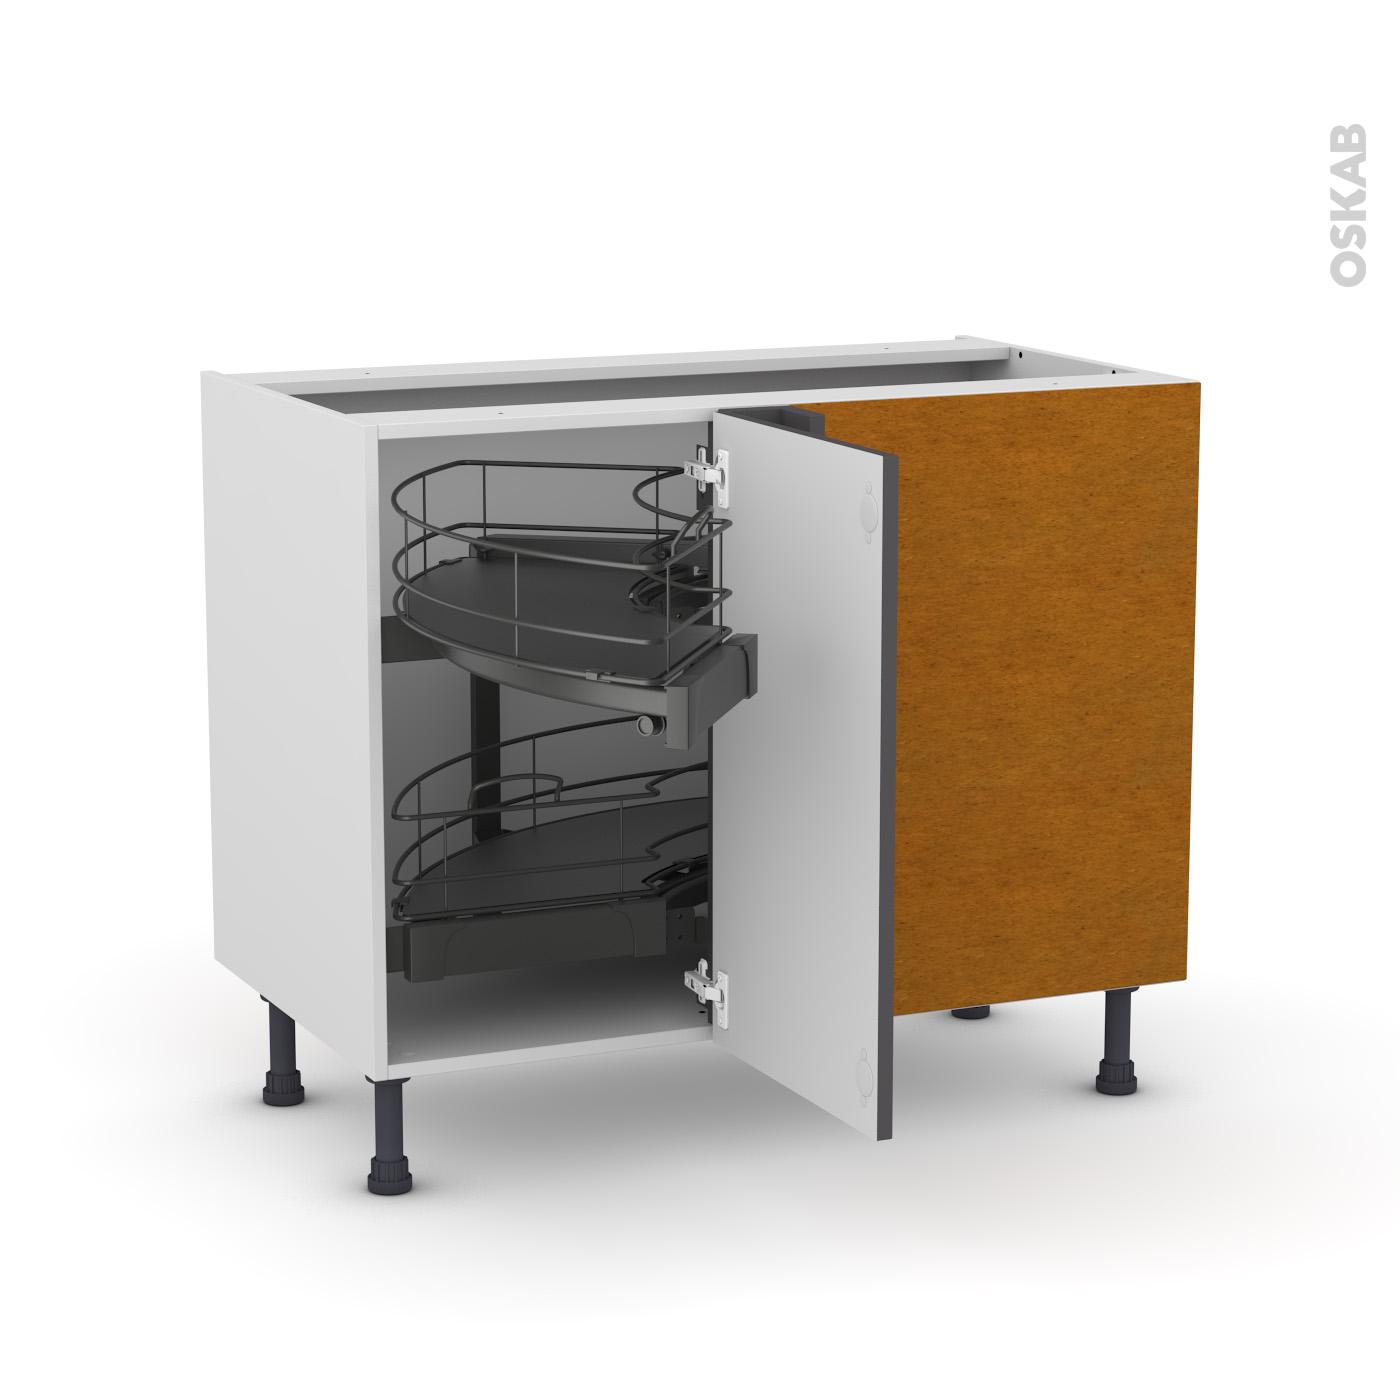 Meuble de cuisine Angle bas GINKO Gris Demi lune coulissant Tirant droit 1  porte L40 cm mobile L80 x H70 x P58 cm - Oskab